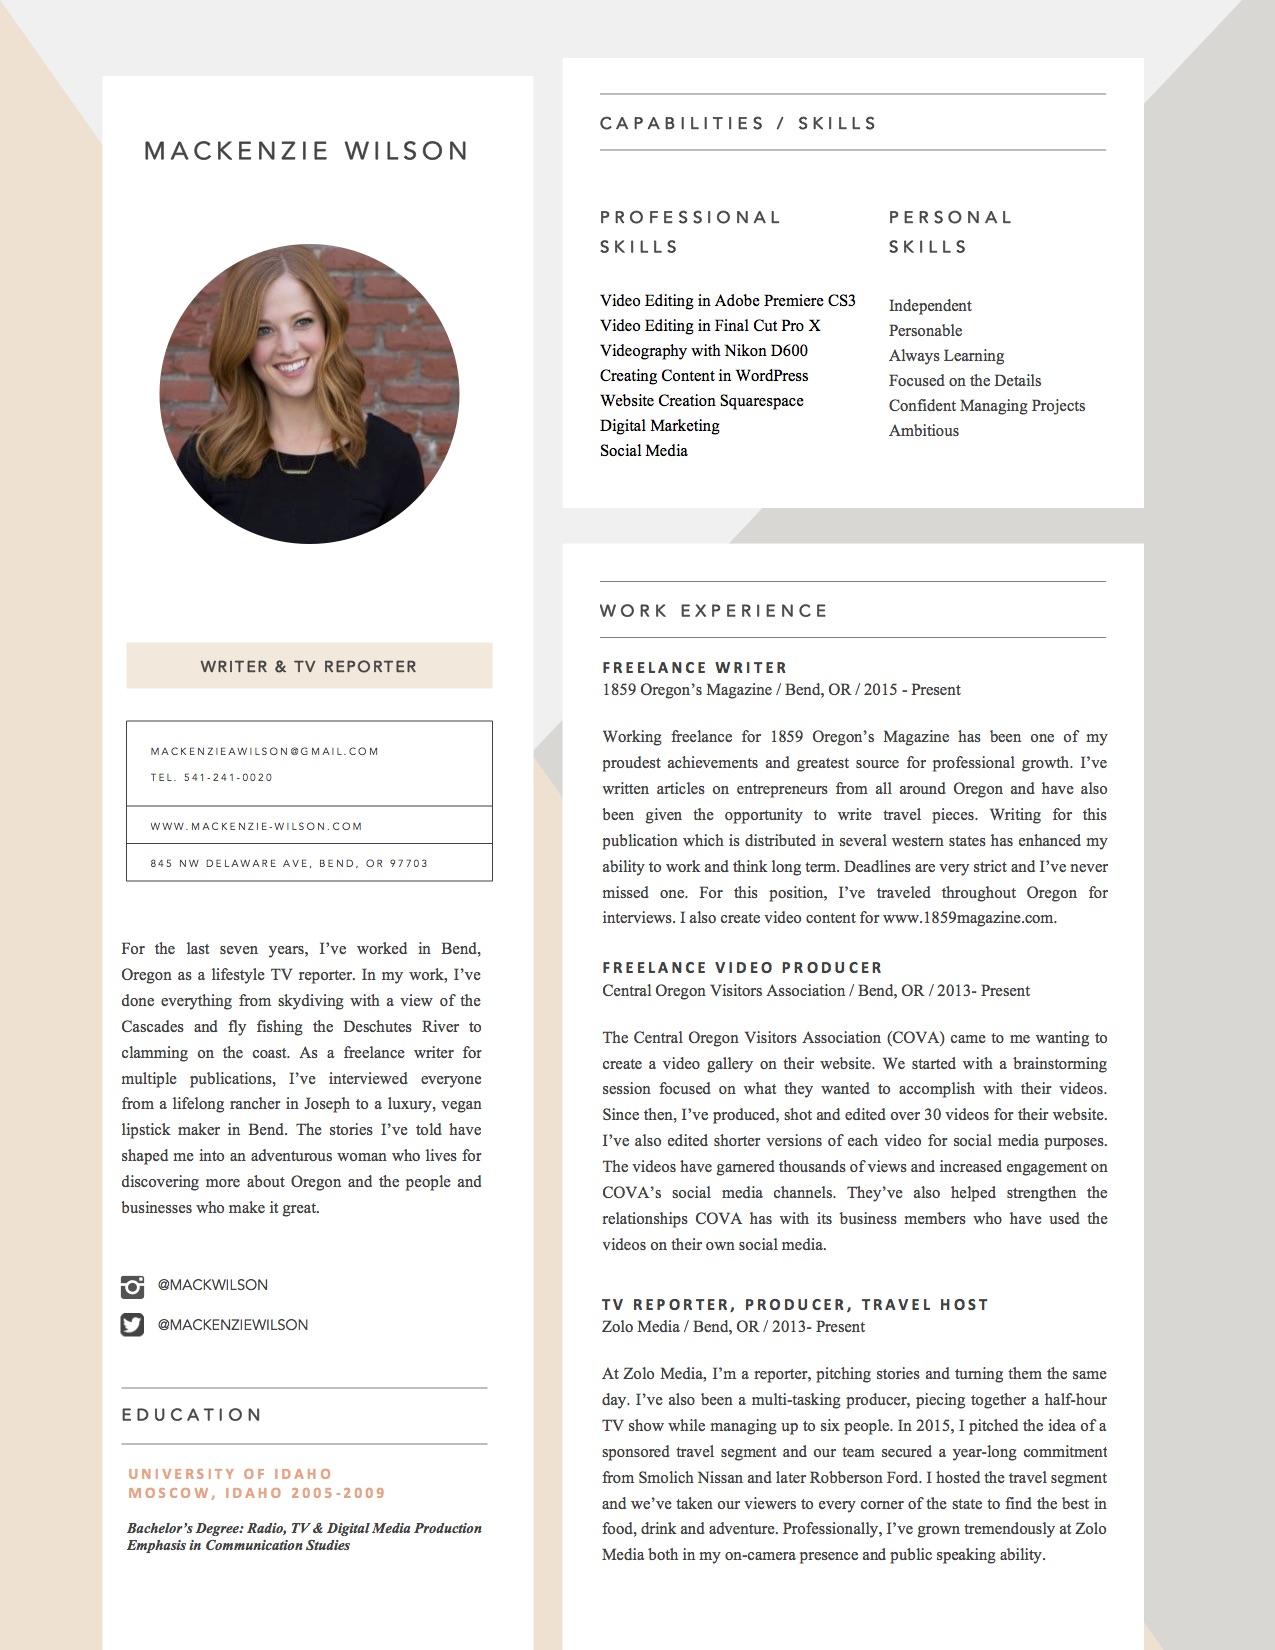 mackenzie-wilson-resume-2015-page-2